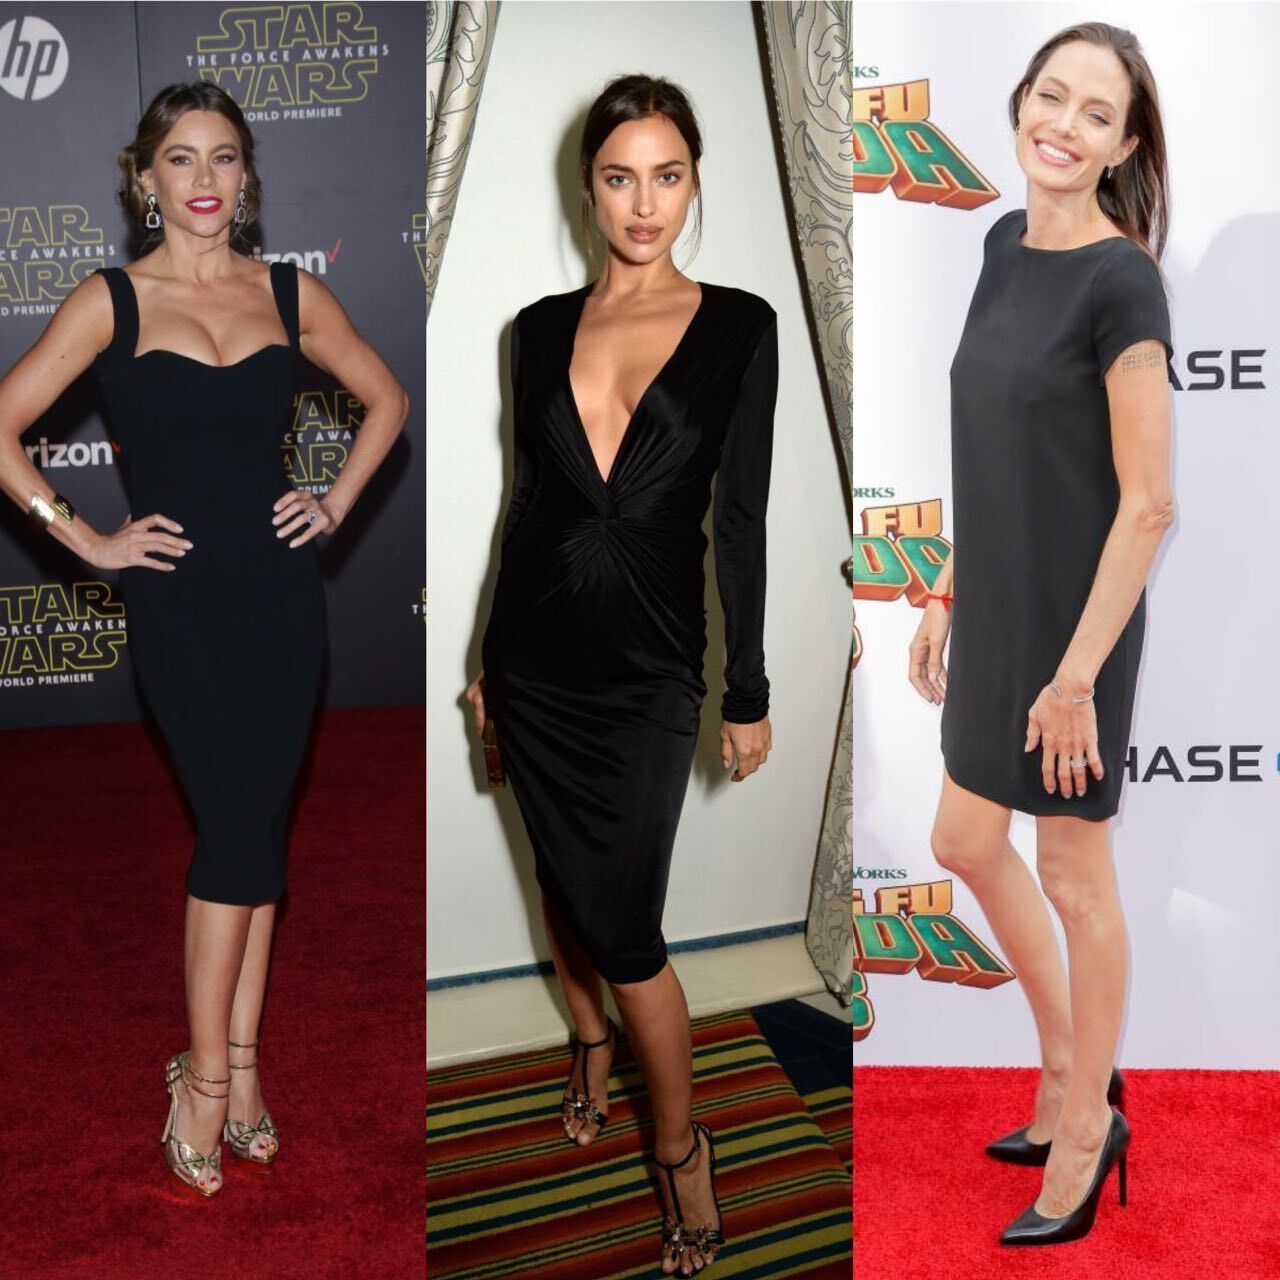 София Вергара, Анджелина Джоли, Ирина Шейк надели классические черные платья.